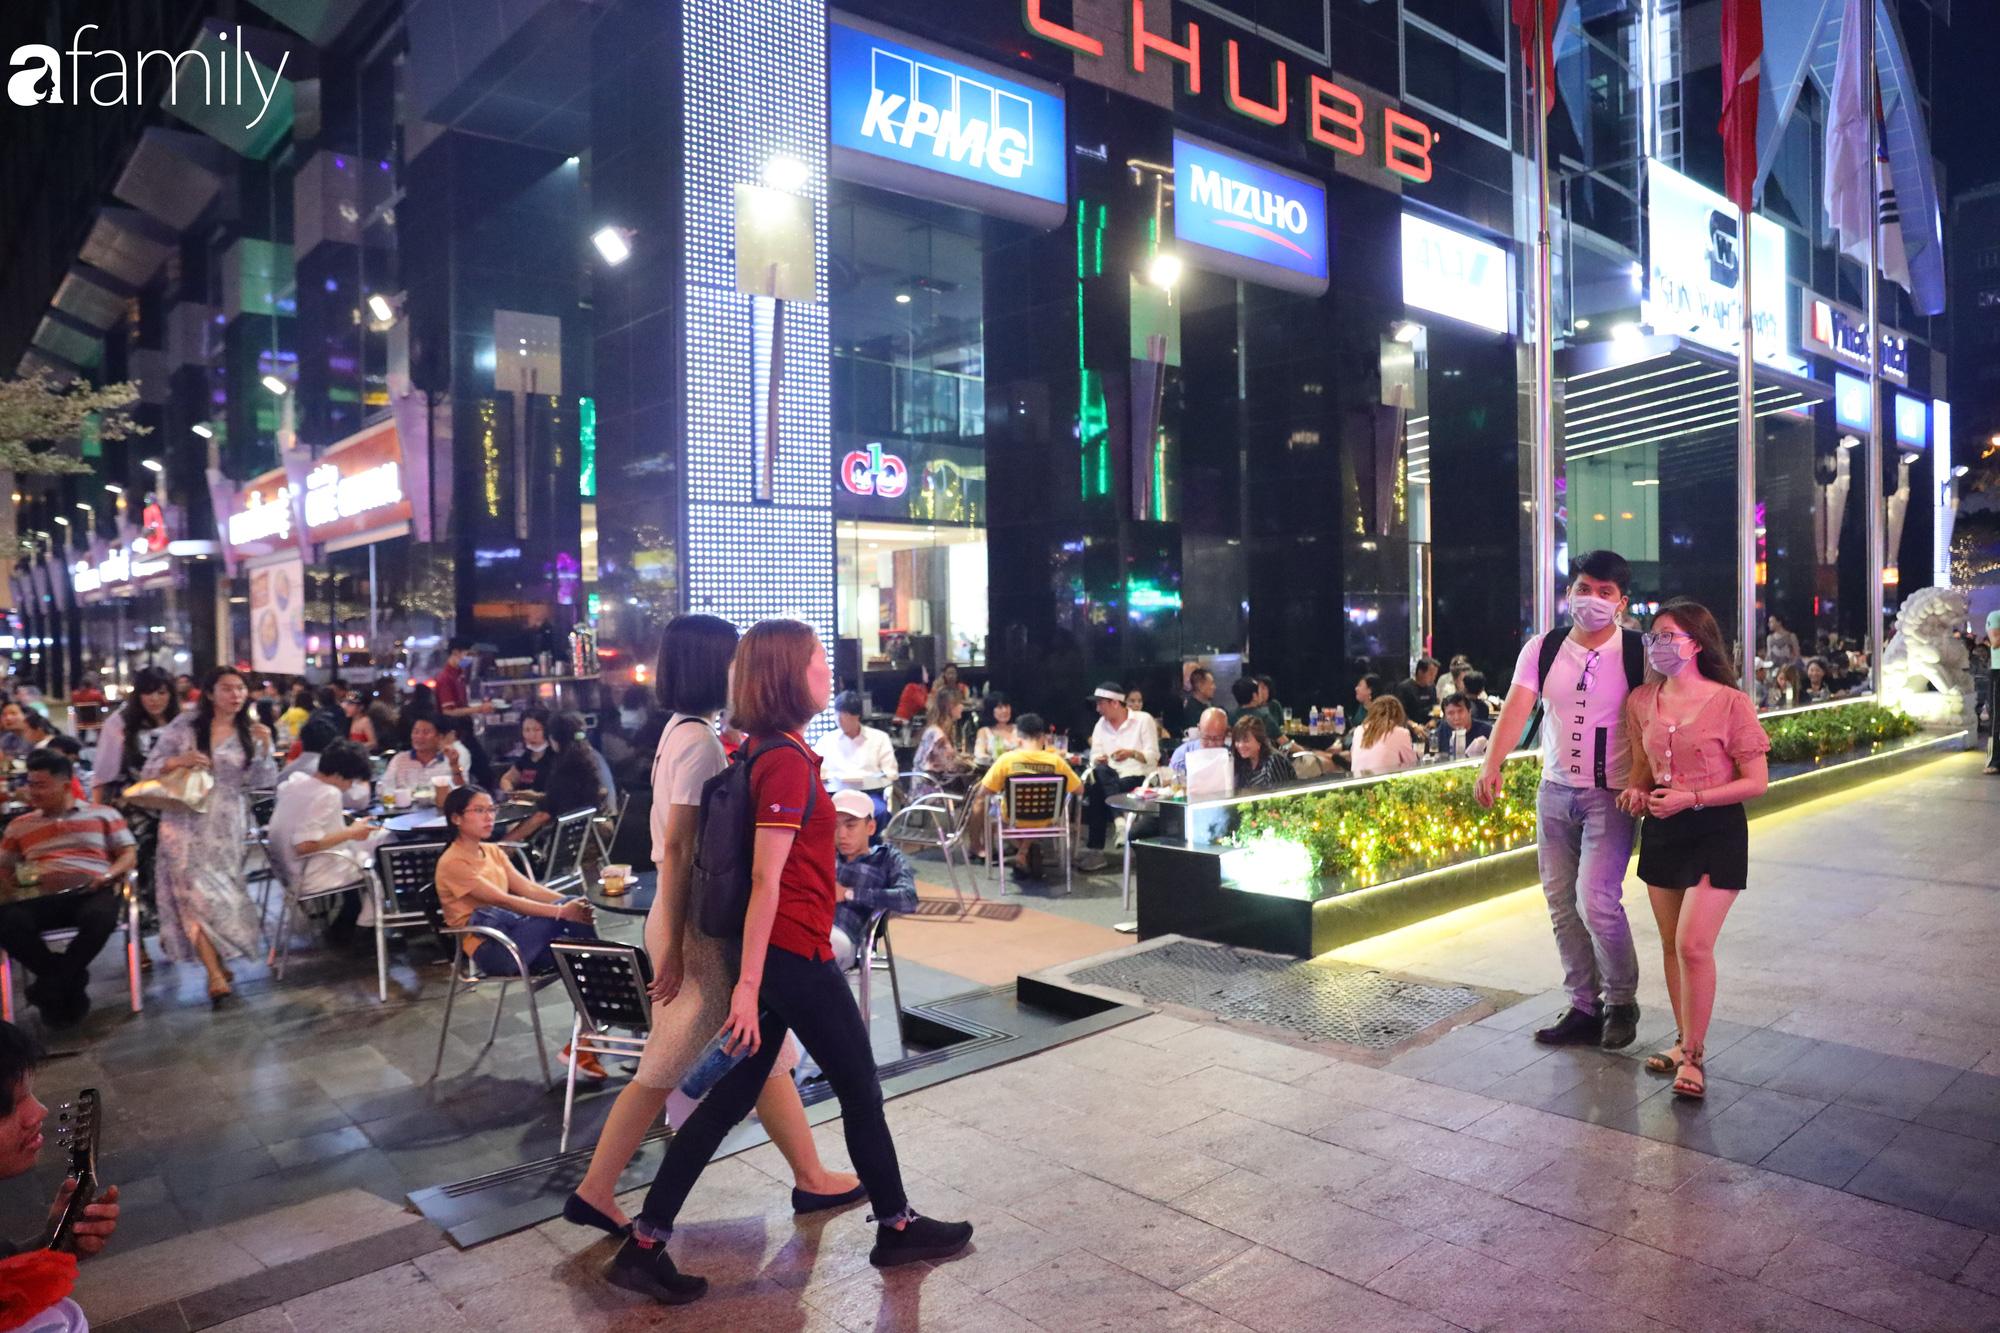 Valentine Hà Nội - Sài Gòn vắng vẻ đìu hiu vì dịch Corona, từ trung tâm thương mại đến phố phường đều ít bóng tình nhân đi chơi - Ảnh 18.